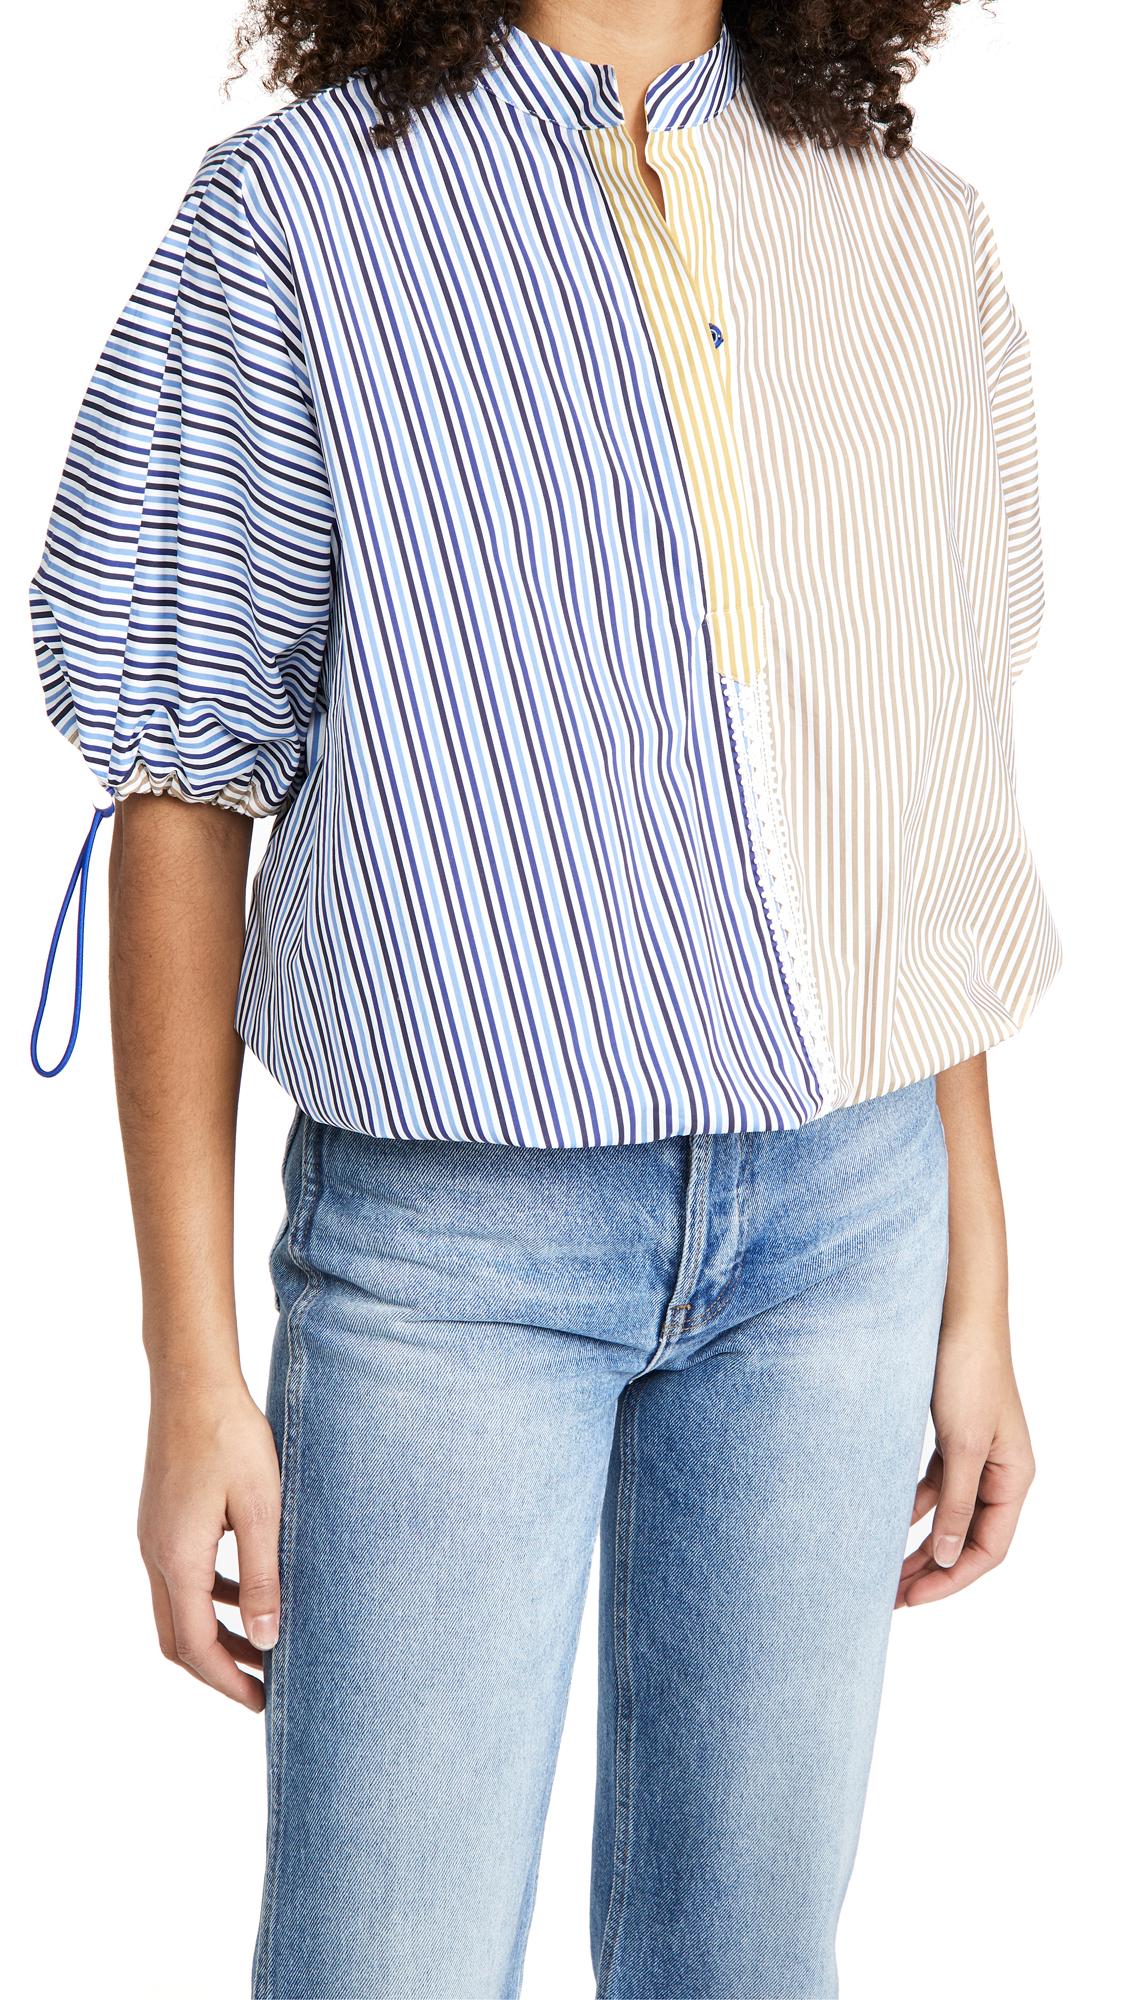 Silvia Tcherassi Solana Shirt